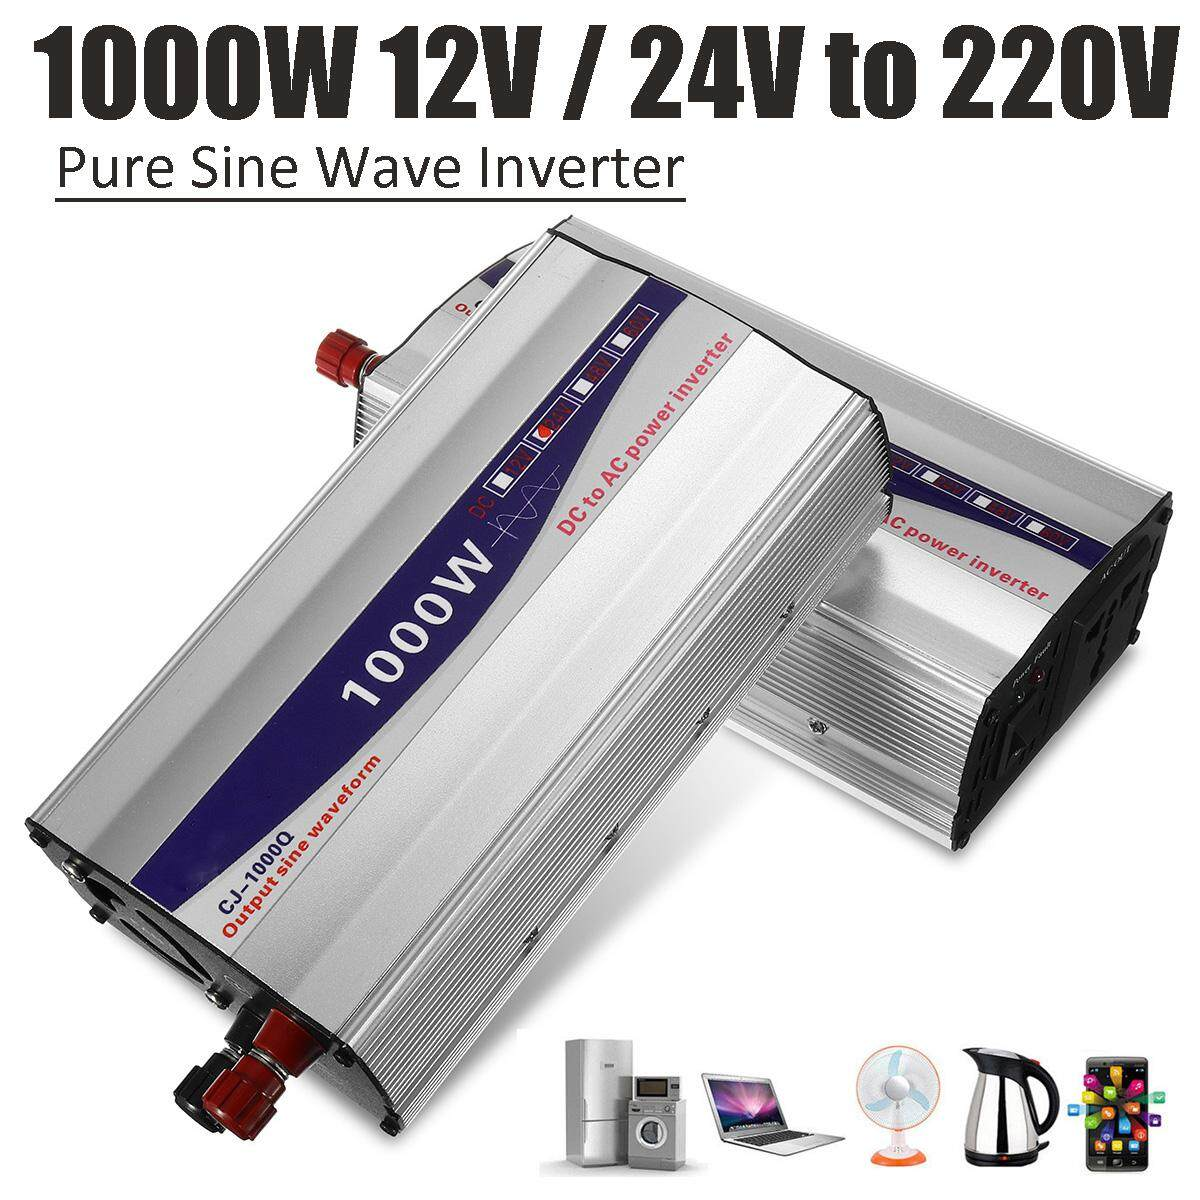 1000W Pure Sine Wave 50HZ Car Power Inverter 24V To 220V Charger Converter